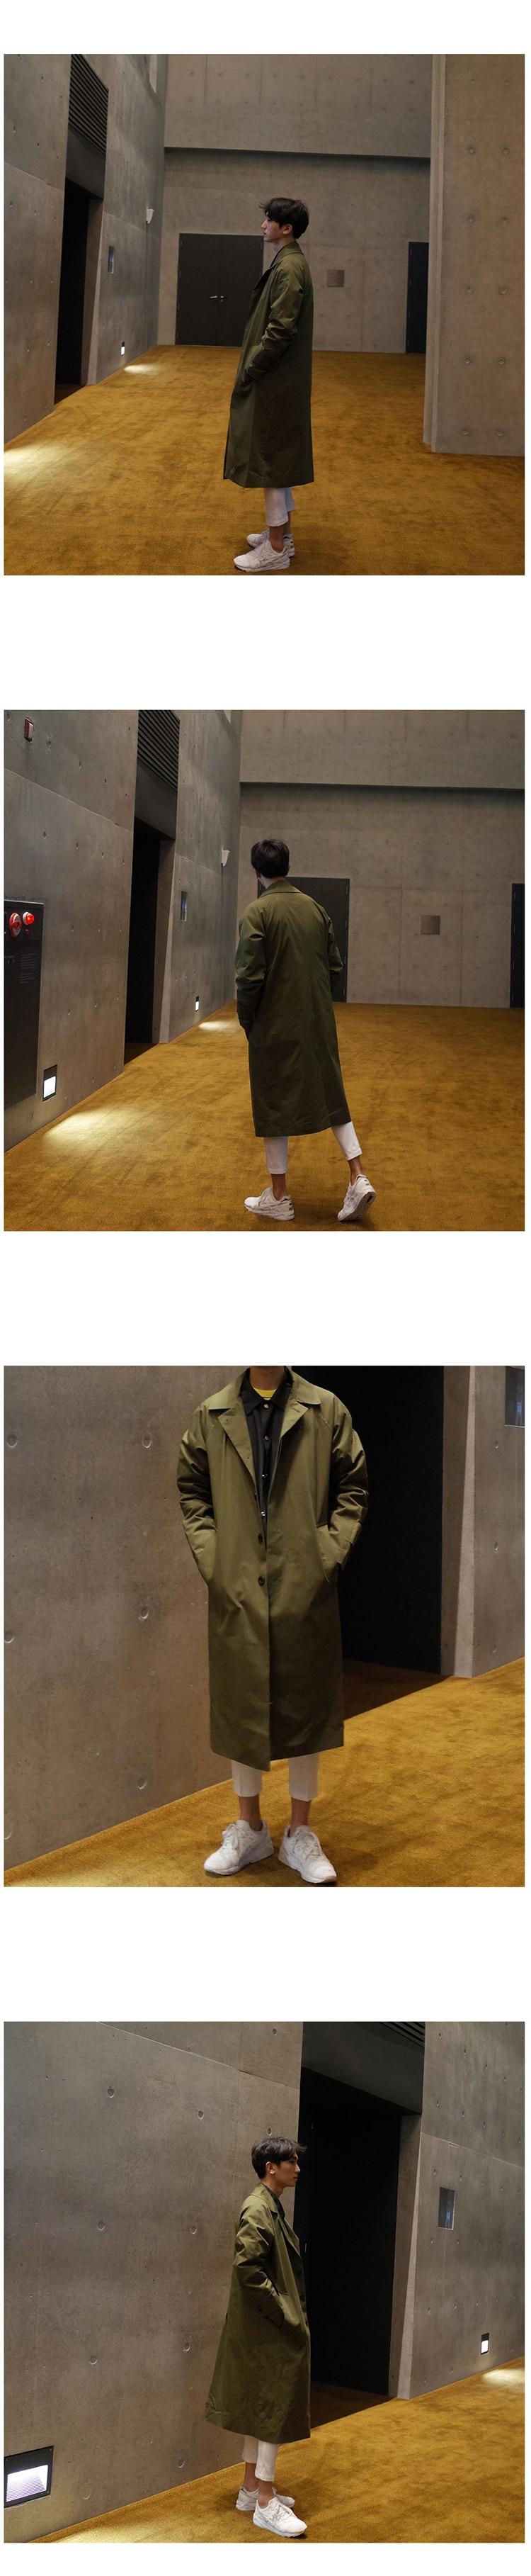 Size Trenchcoat 2019 Lange Großhandel Von Herbst Auf Mantel Modedesigner Einreiher Japan Winddichter Plus Sincha67 Windjacke Winter Style Herren 56 SpMVLUqzG